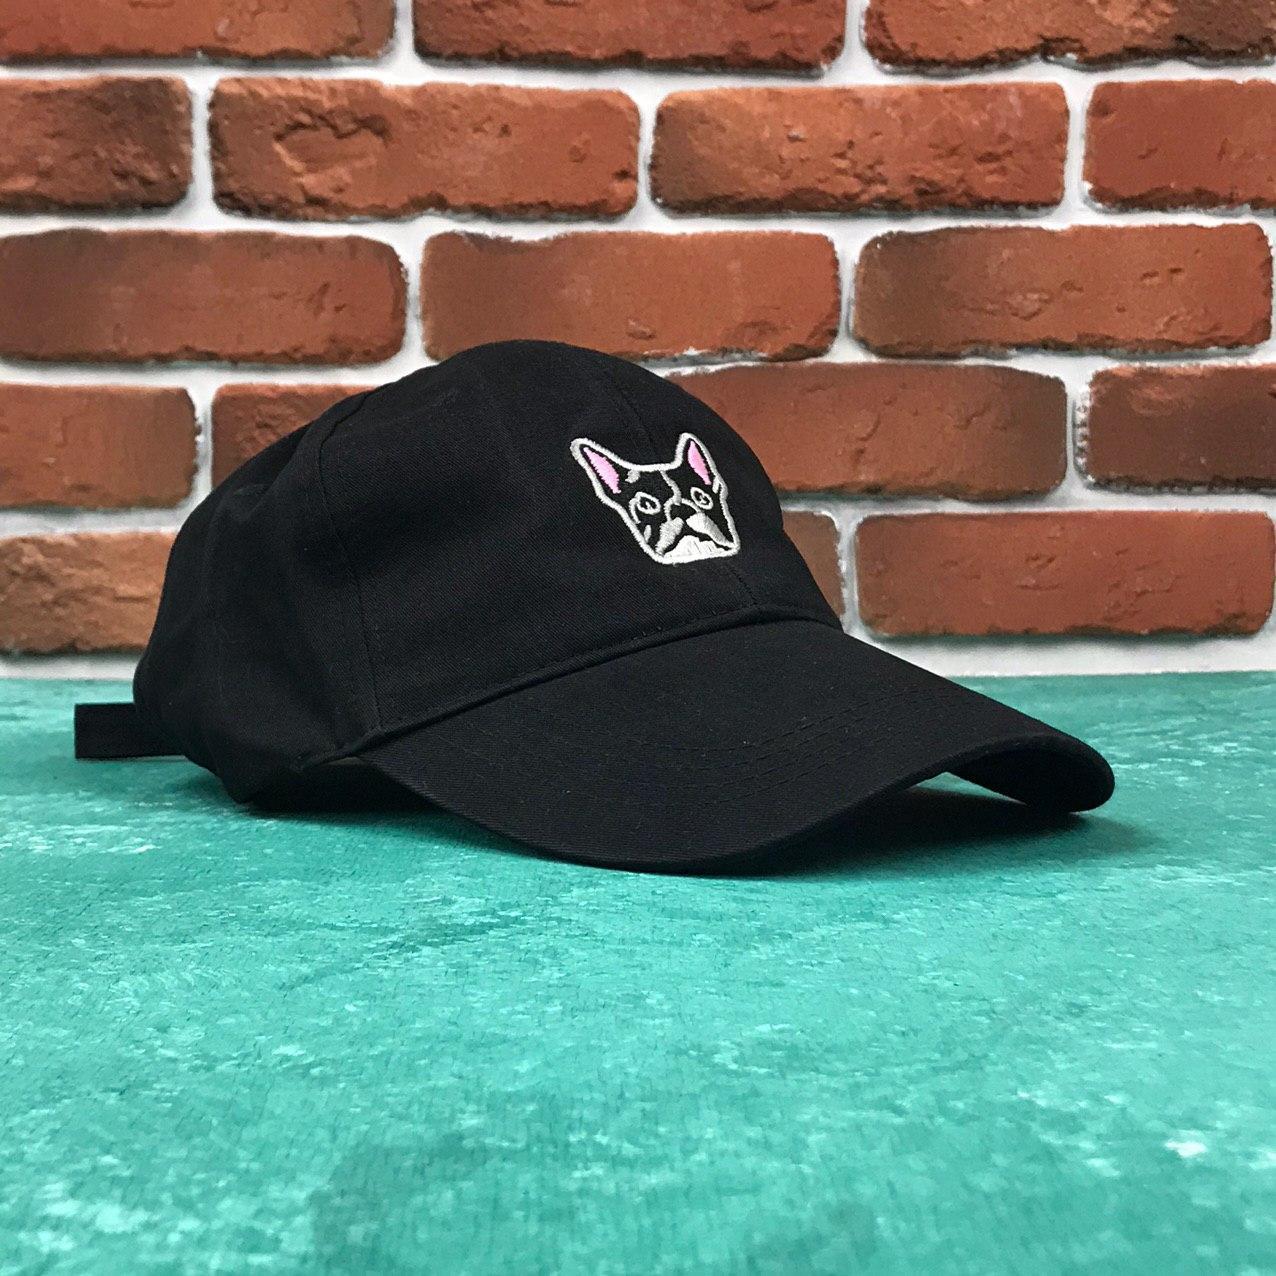 Кепка Бейсболка Мужская Женская City-A Dog с Собакой Бульдогом Черная